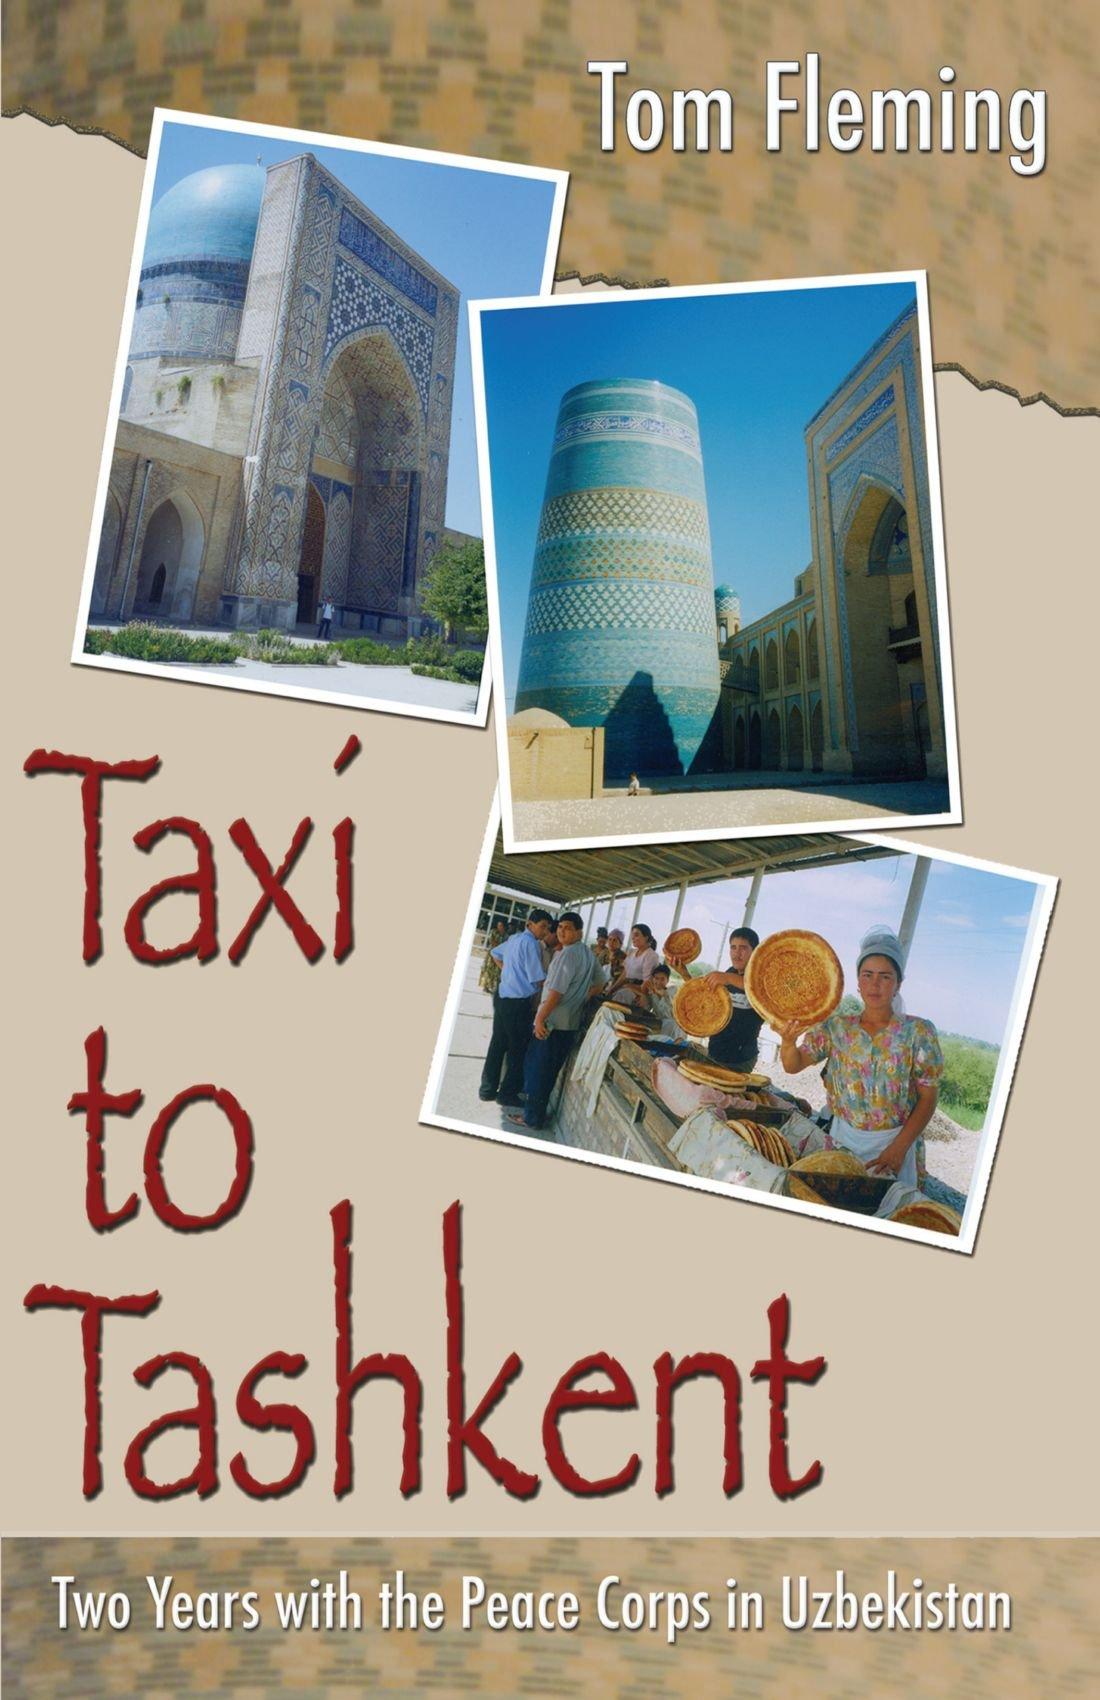 Tashkent prostitution price